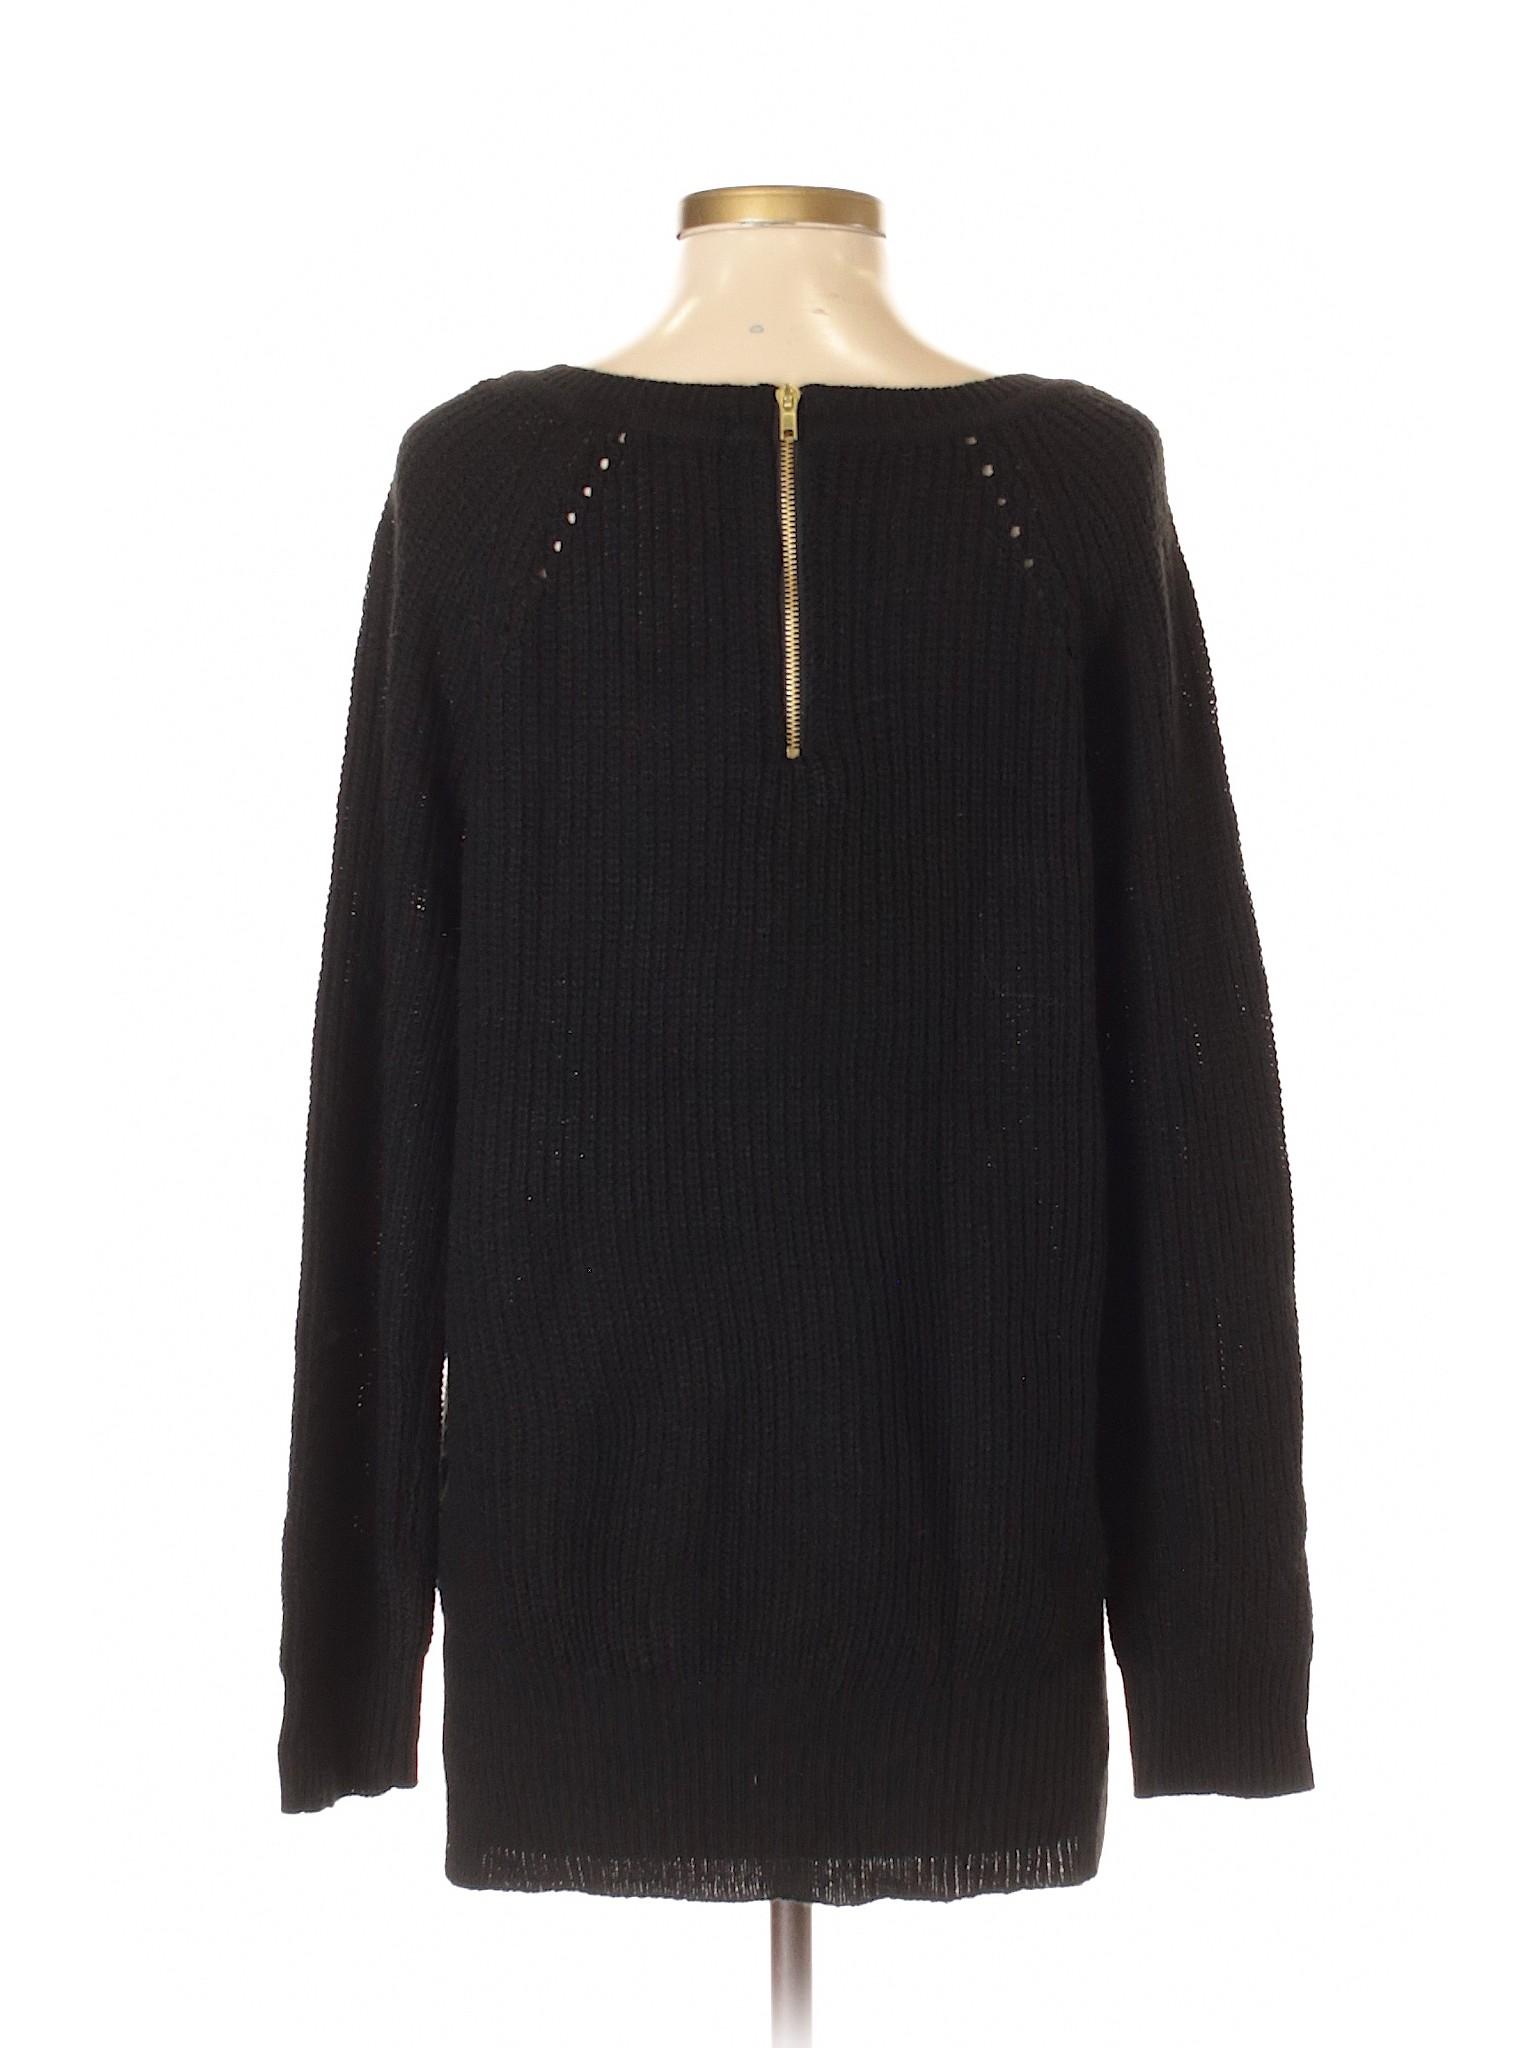 Boutique Boutique Pullover Sweater Boutique Sweater Mine Mine winter Pullover winter rSxrU